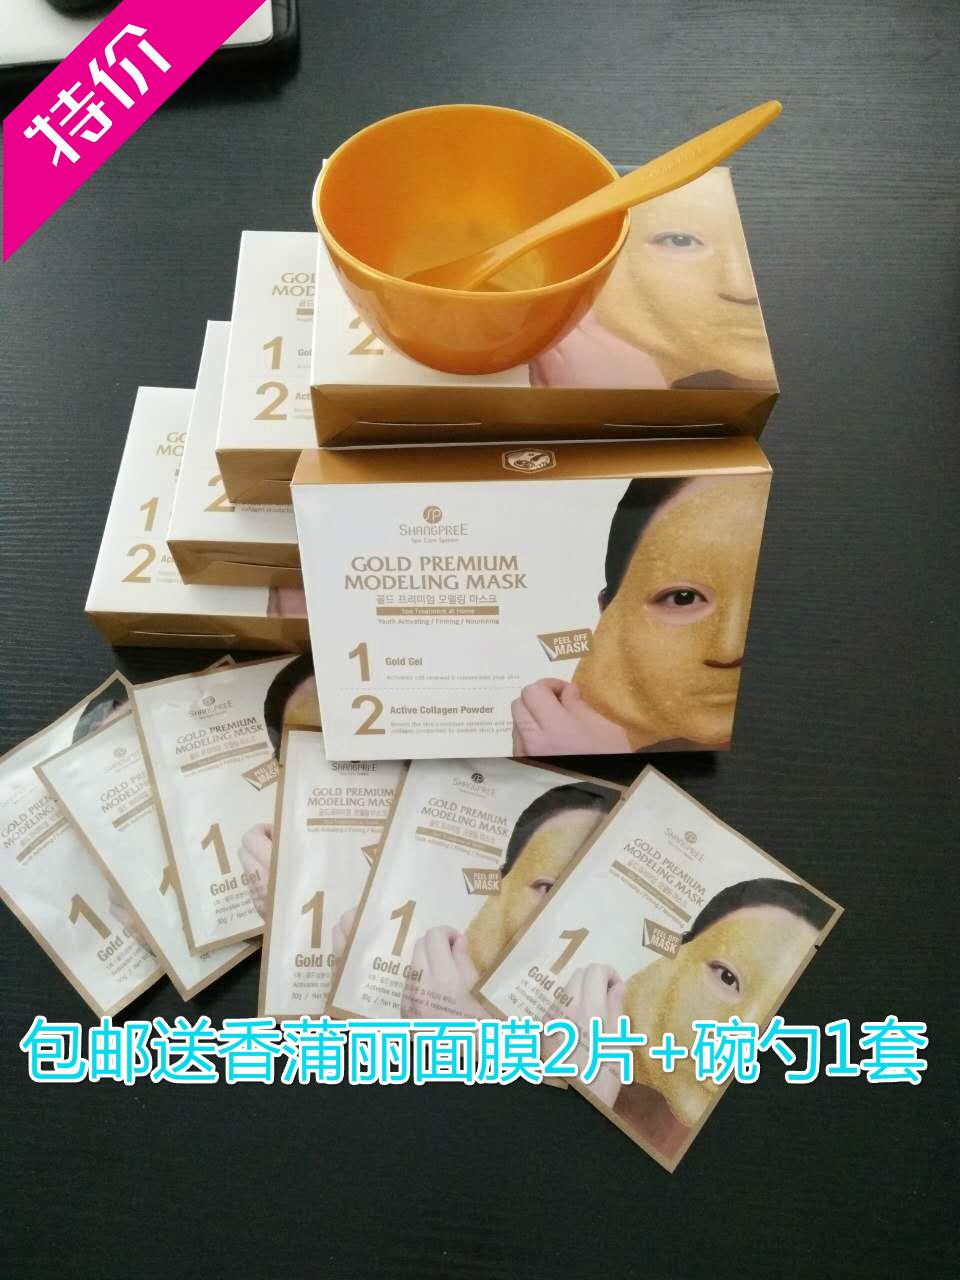 韩国SHANGPREE香蒲丽水光黄金面膜补水保湿紧致 果冻凝胶撕拉软膜